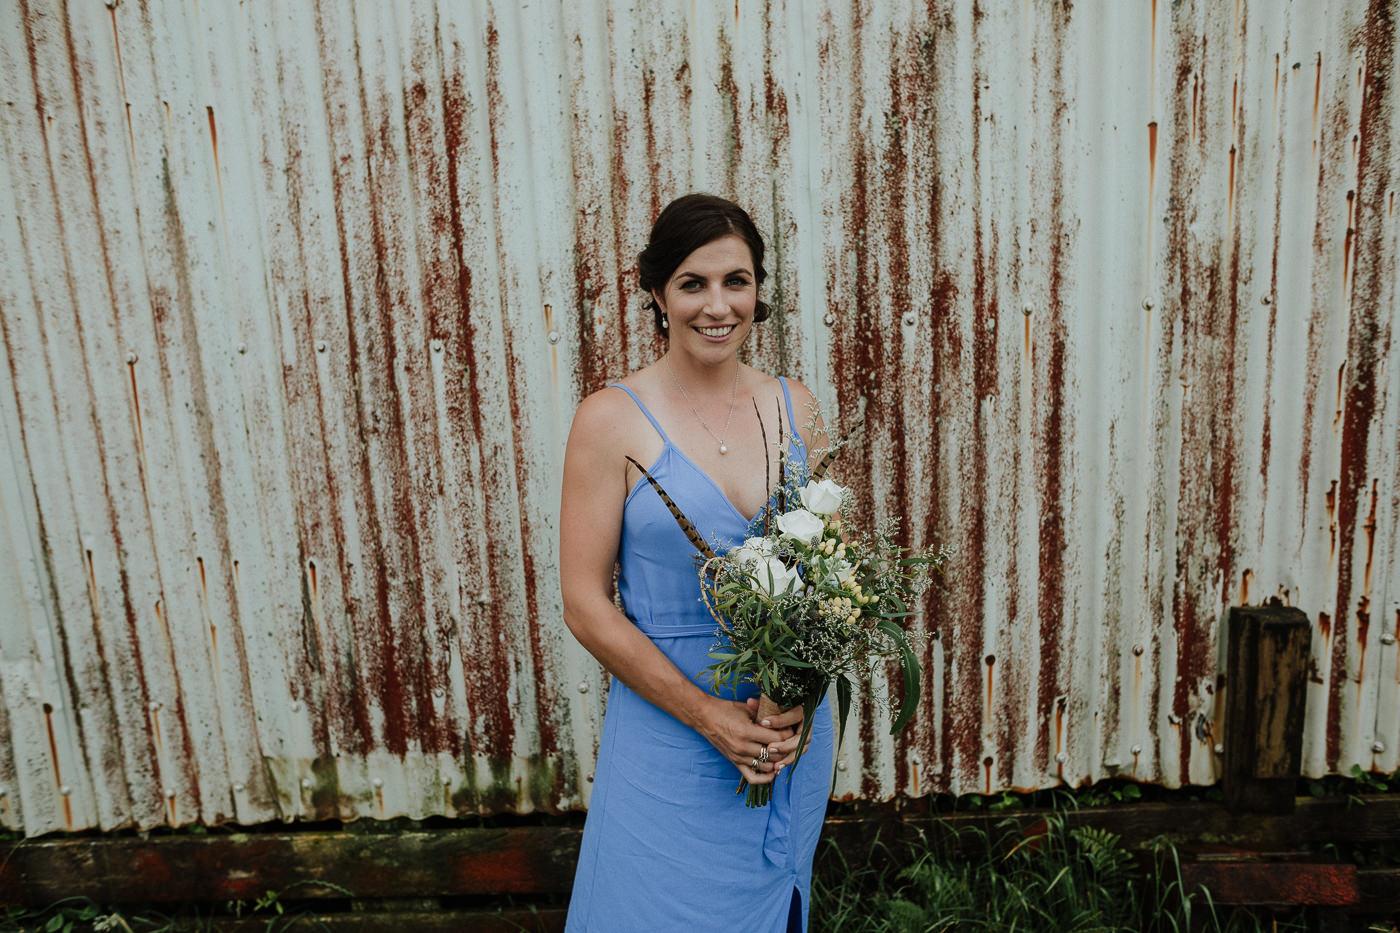 nz_wedding_photographer_gisborne-1107.jpg